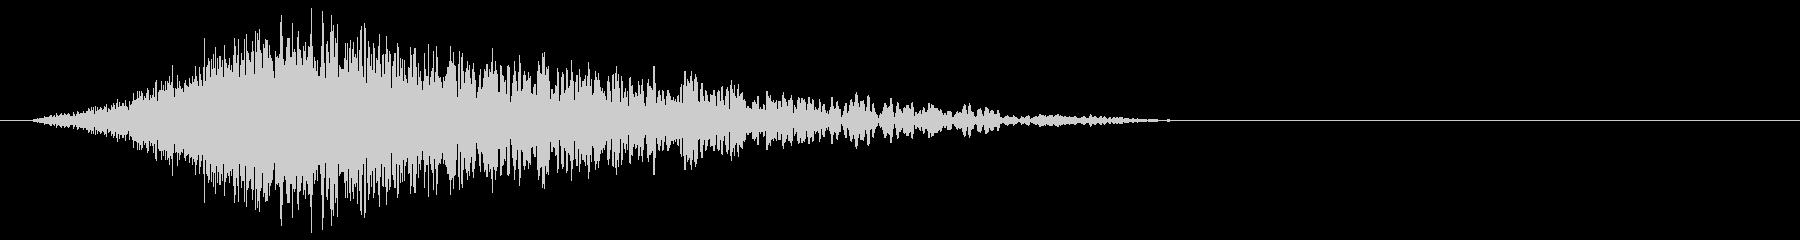 ハリウッド予告風_低音インパクトの未再生の波形